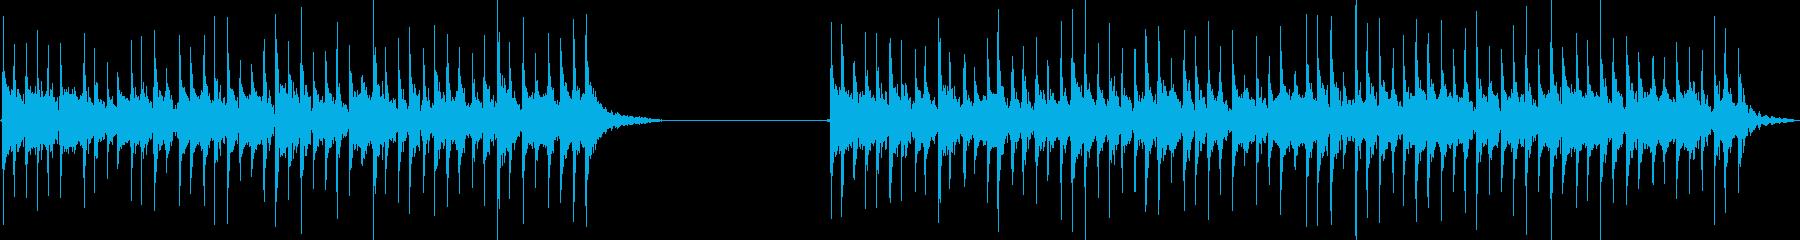 ドラム、ロータム、ロール、2バージ...の再生済みの波形